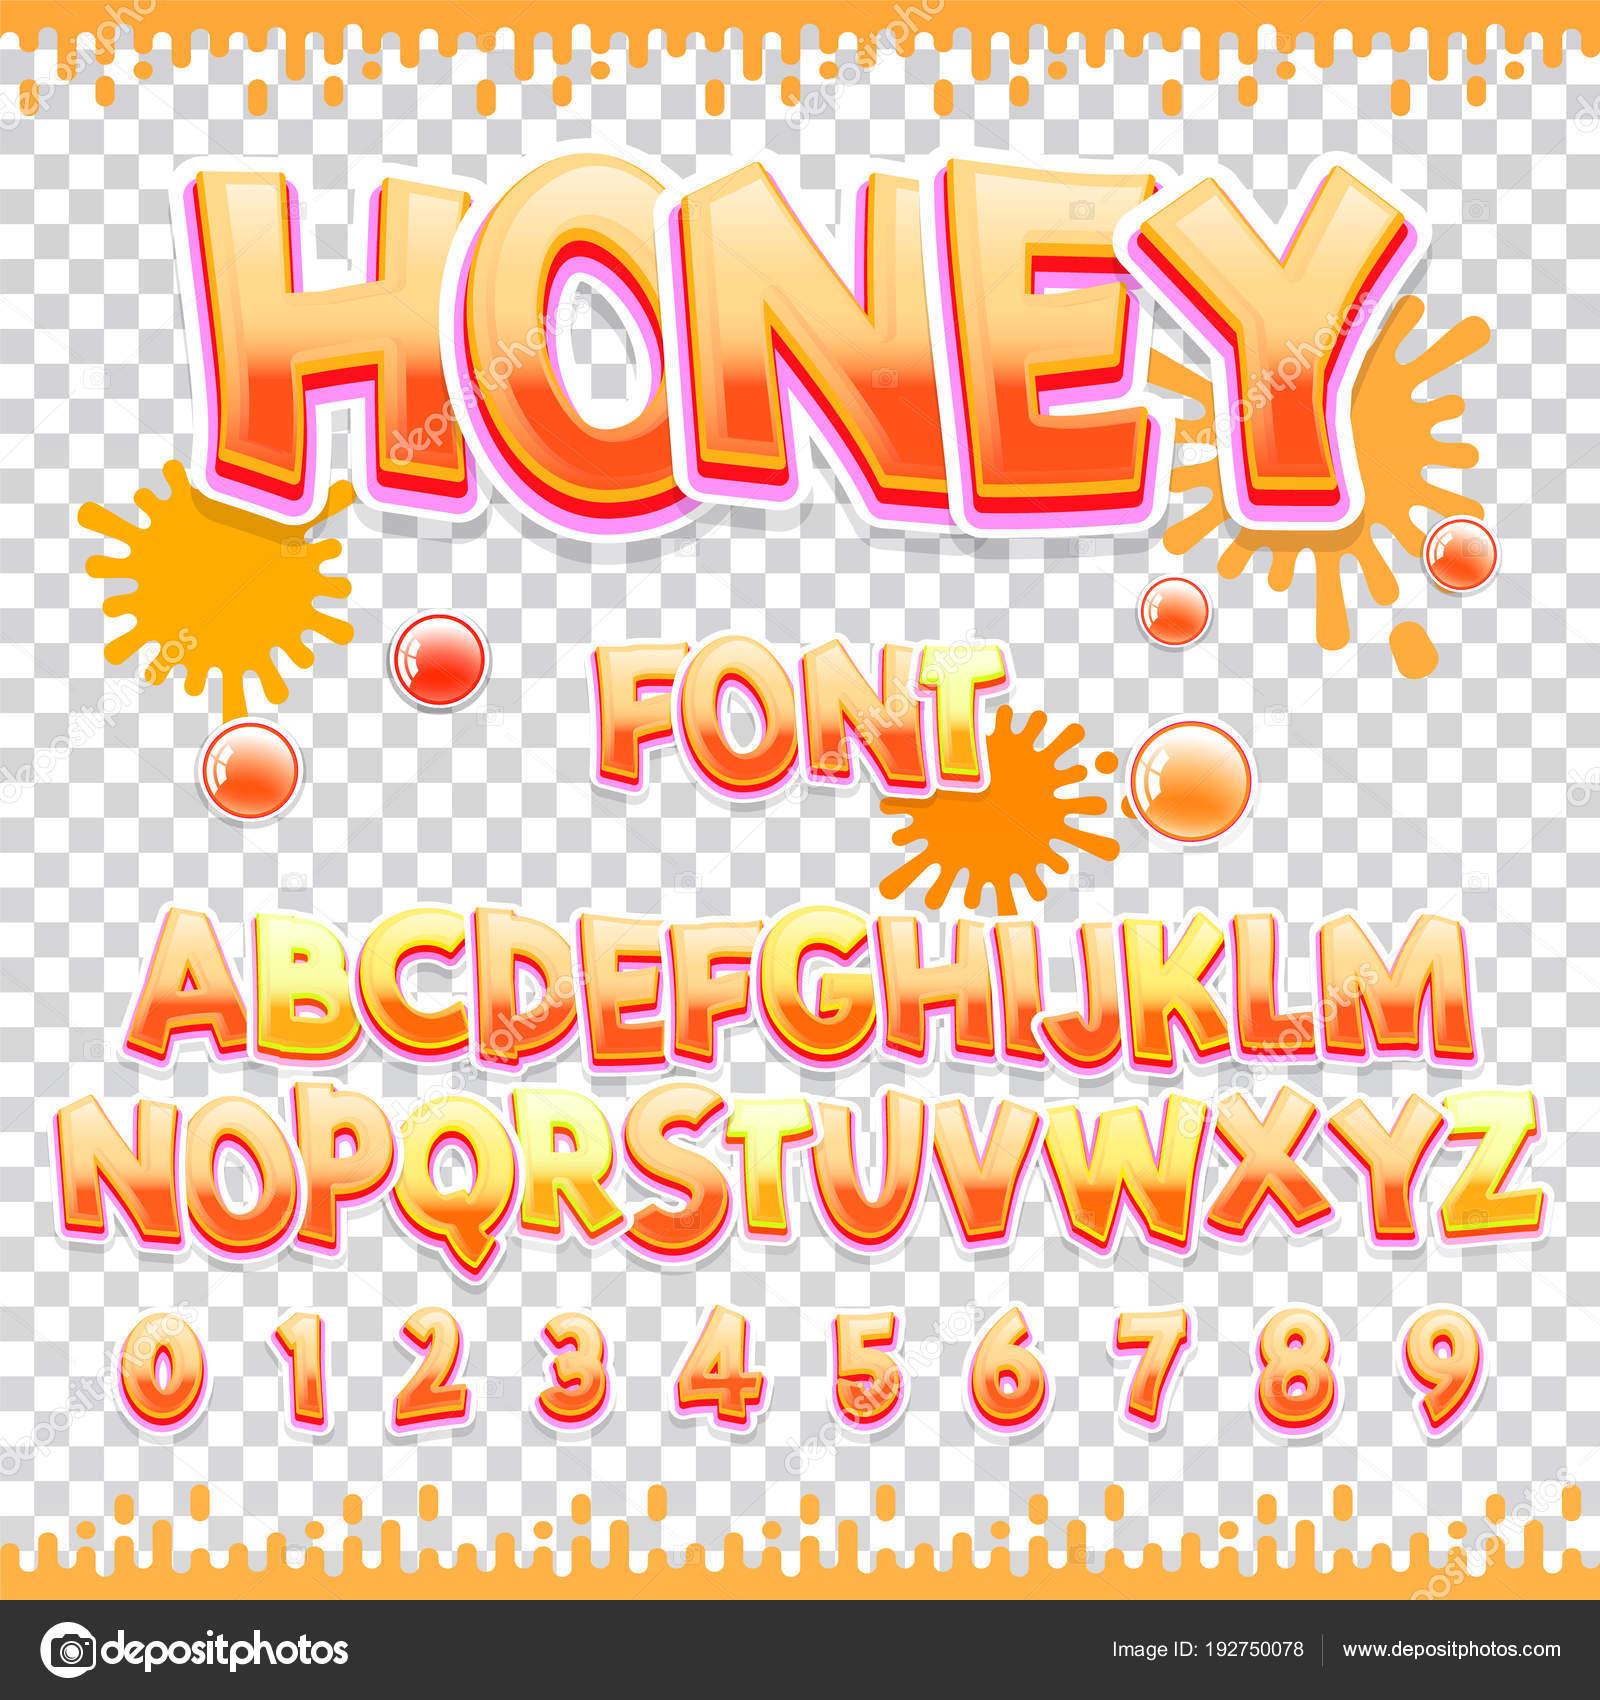 蜂蜜ラテン フォント デザイン甘い Abc の文字と数字